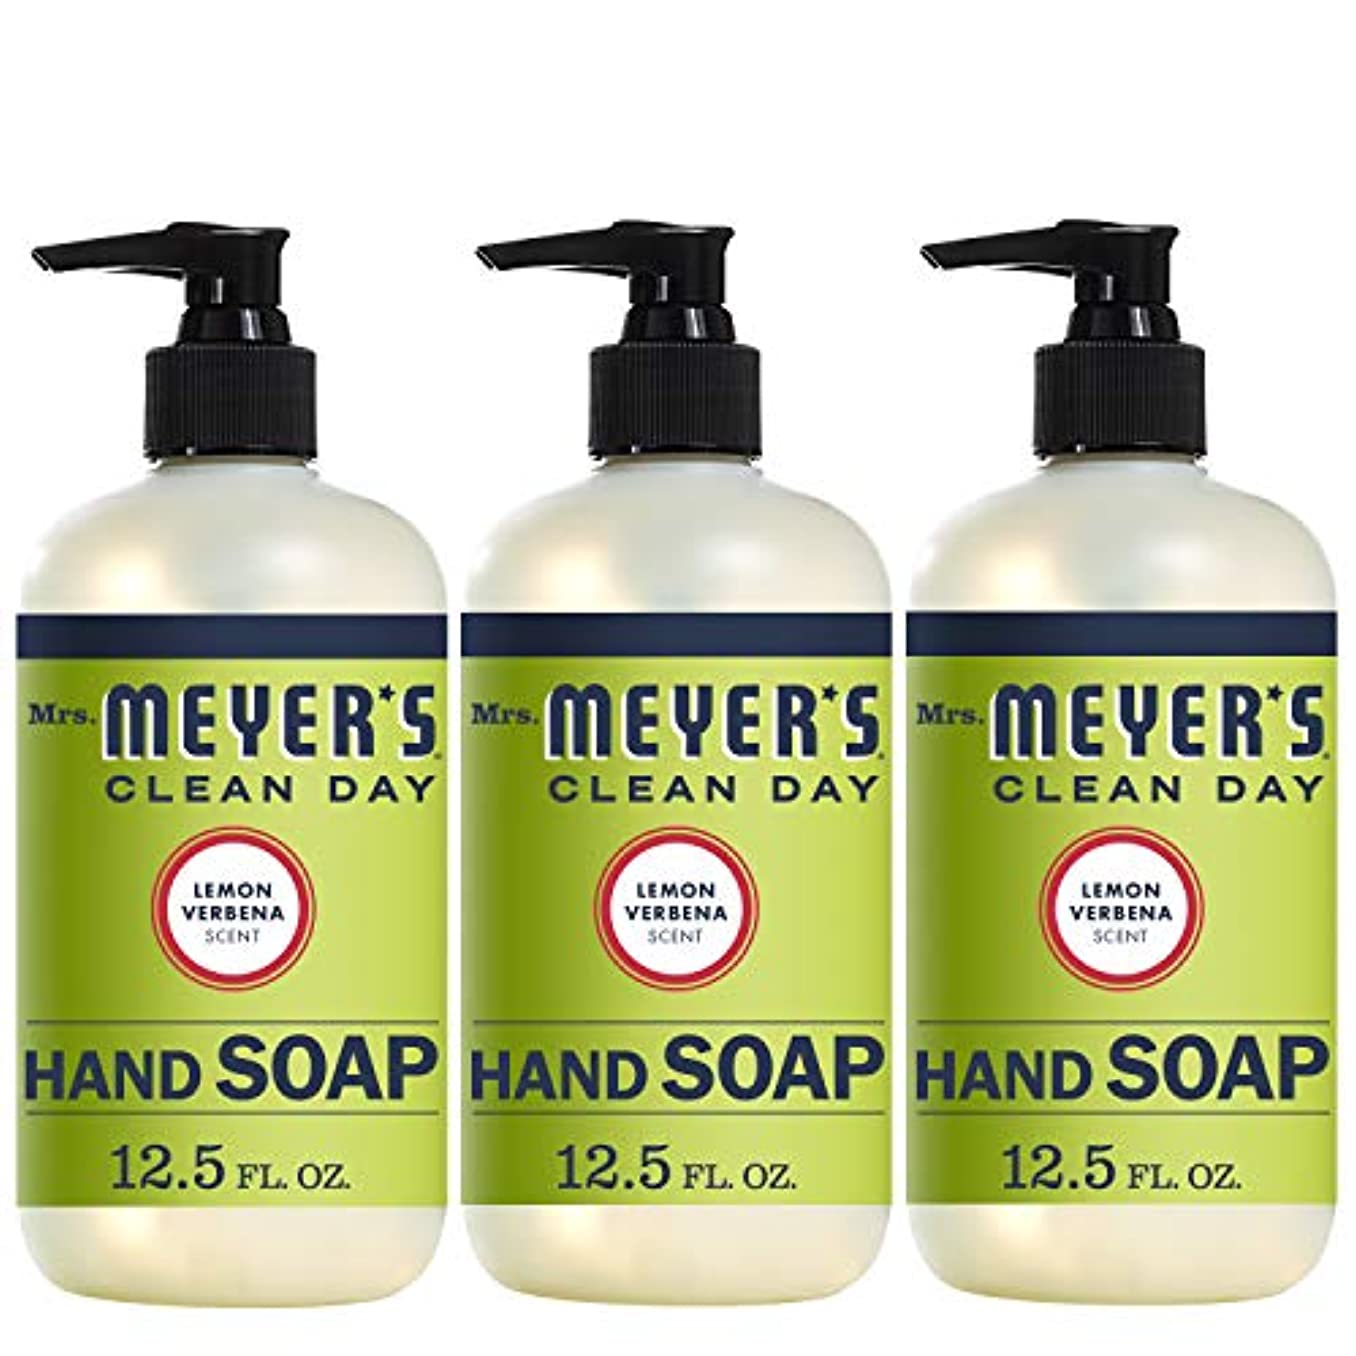 エラーブランド名創造Mrs. Meyers Clean Day ハンドソープ レモン Verbena 12.5液量オンス